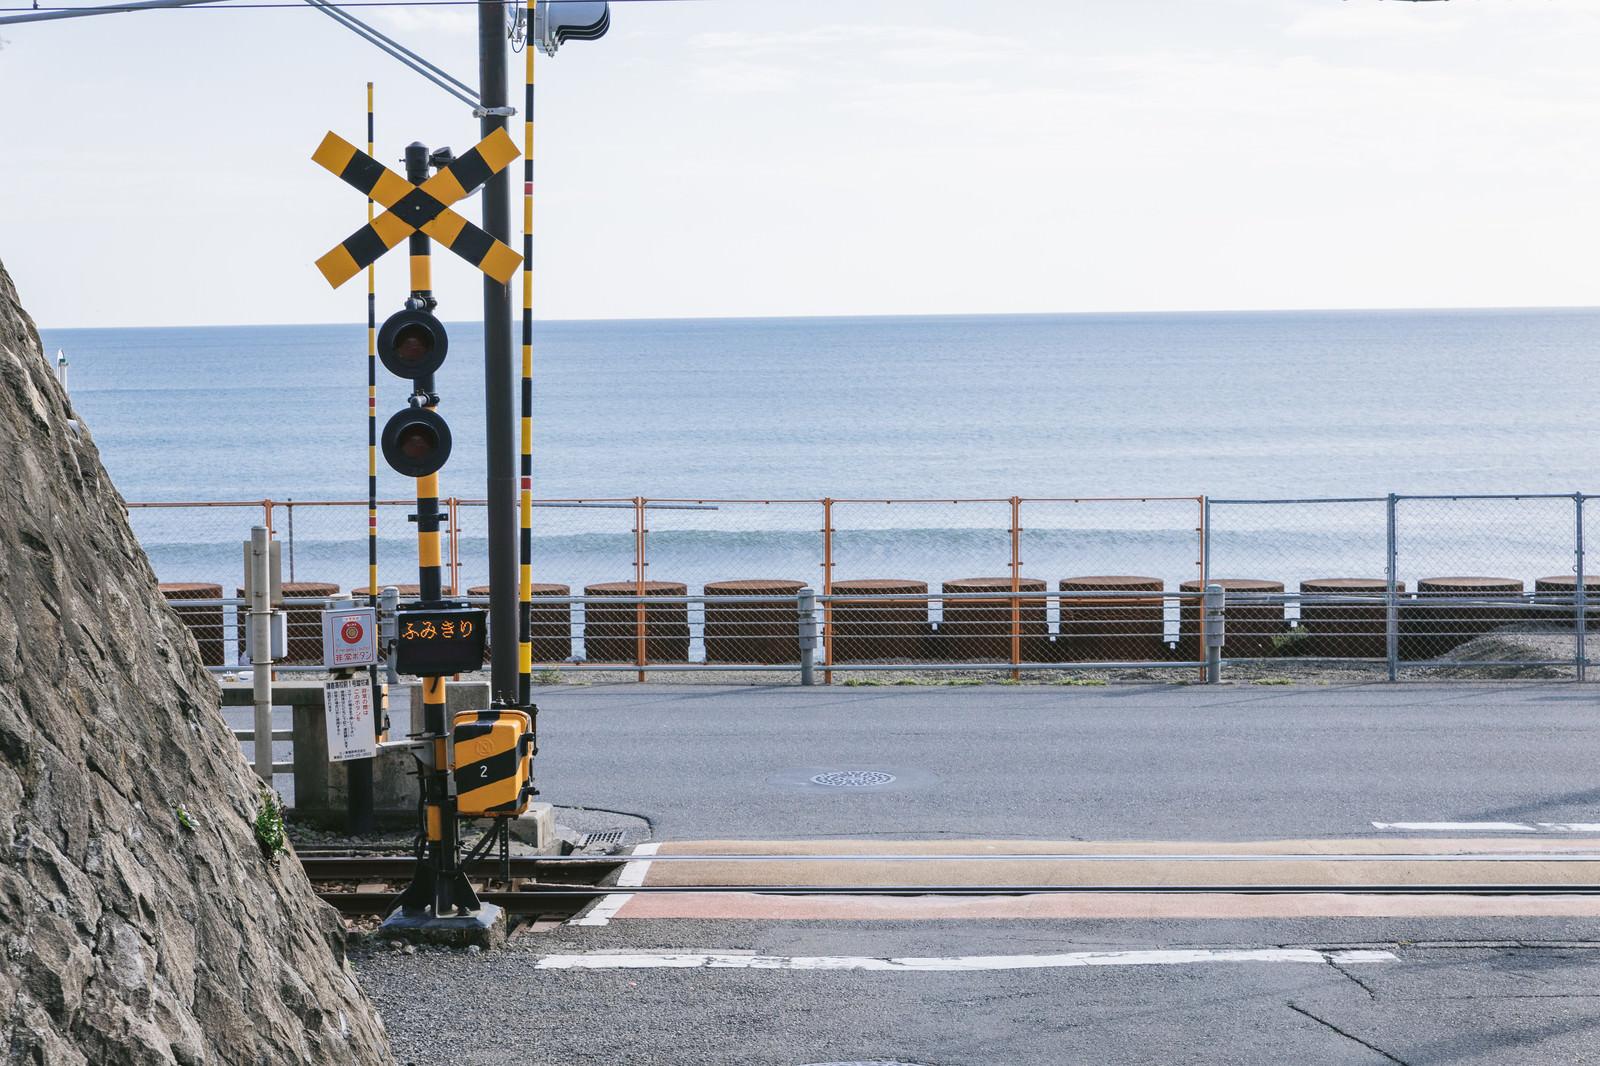 「撮影スポットで有名な鎌倉高校前駅のロケーション」の写真